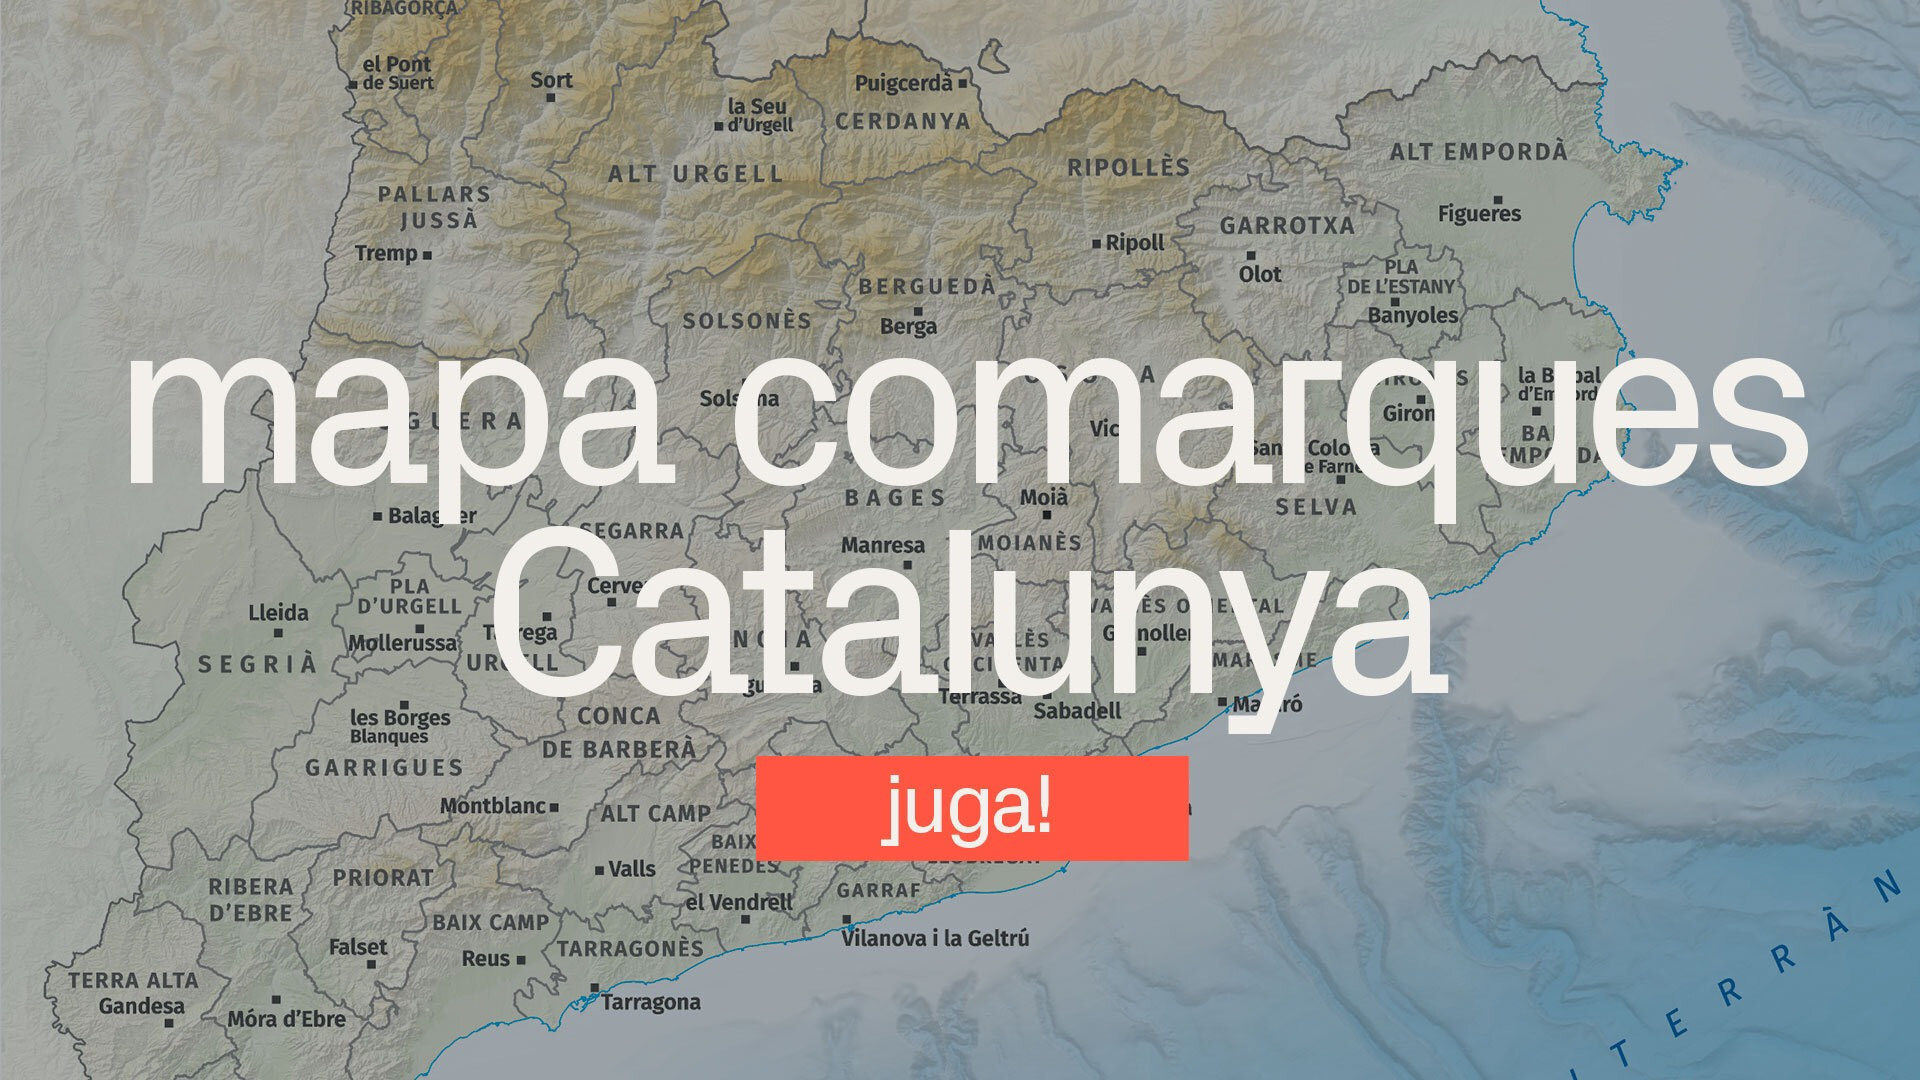 joc comarques catalunya mapa